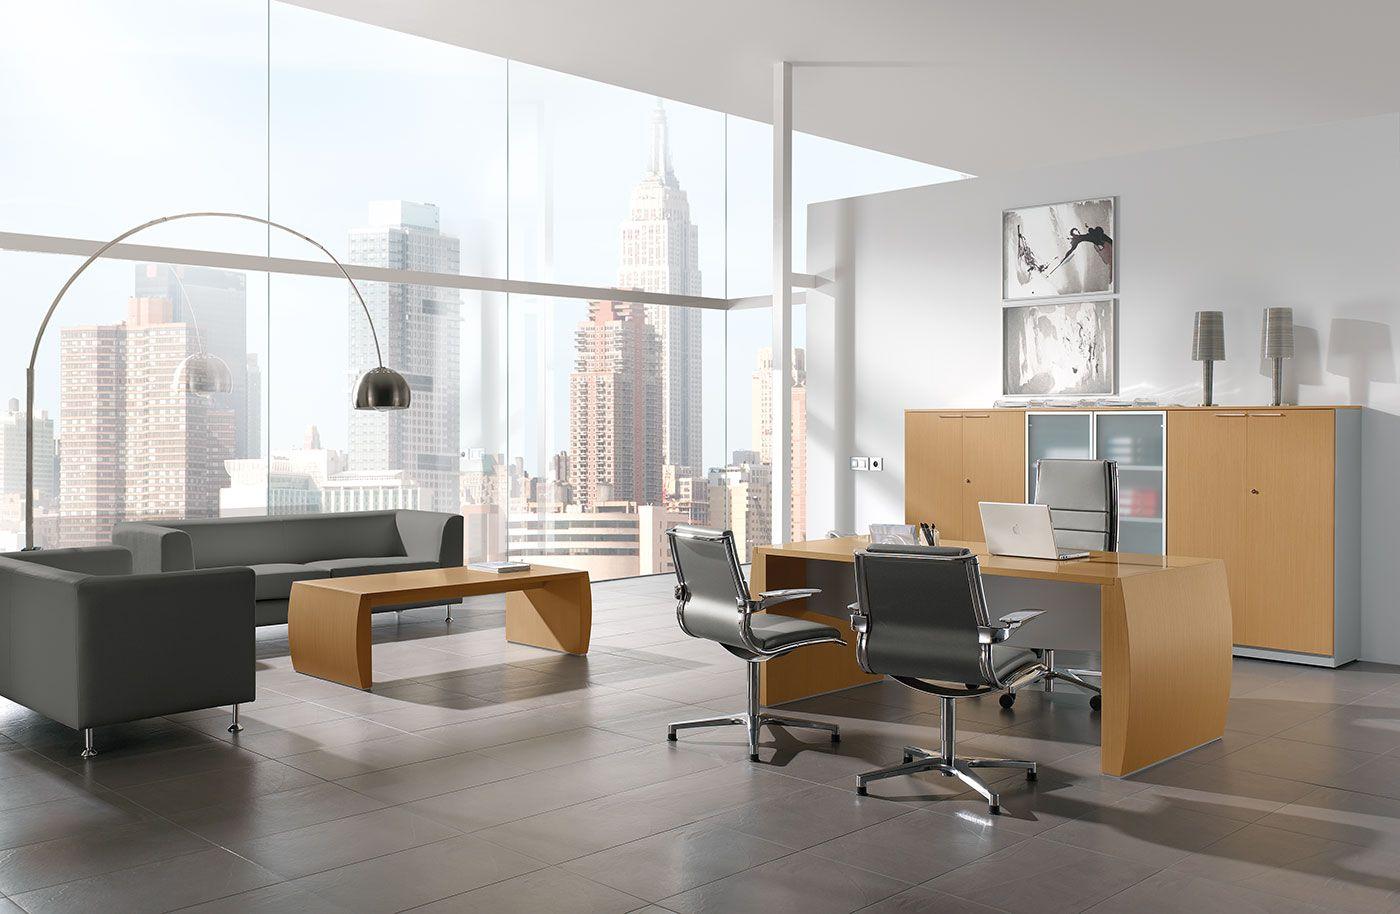 Muebles De Oficina Modernos De La Serie Serena Con Acabados En  # Muebles De Ooficina